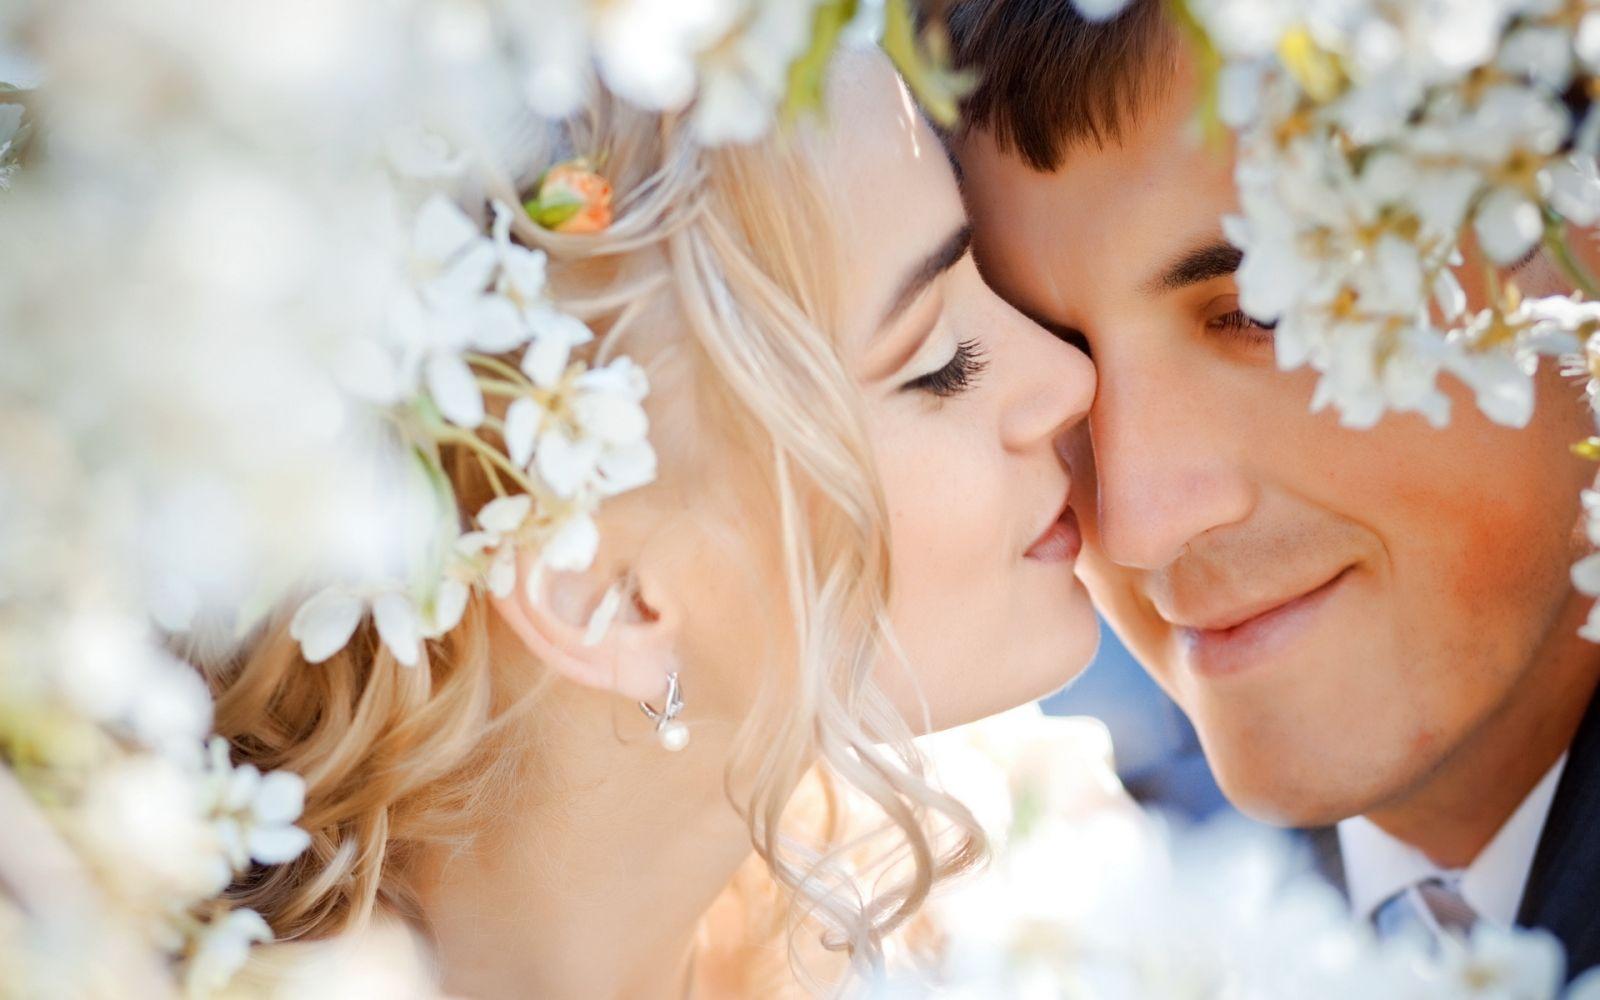 Стоит ли вступать в гражданский брак: мнение экстрасенса - фото №2